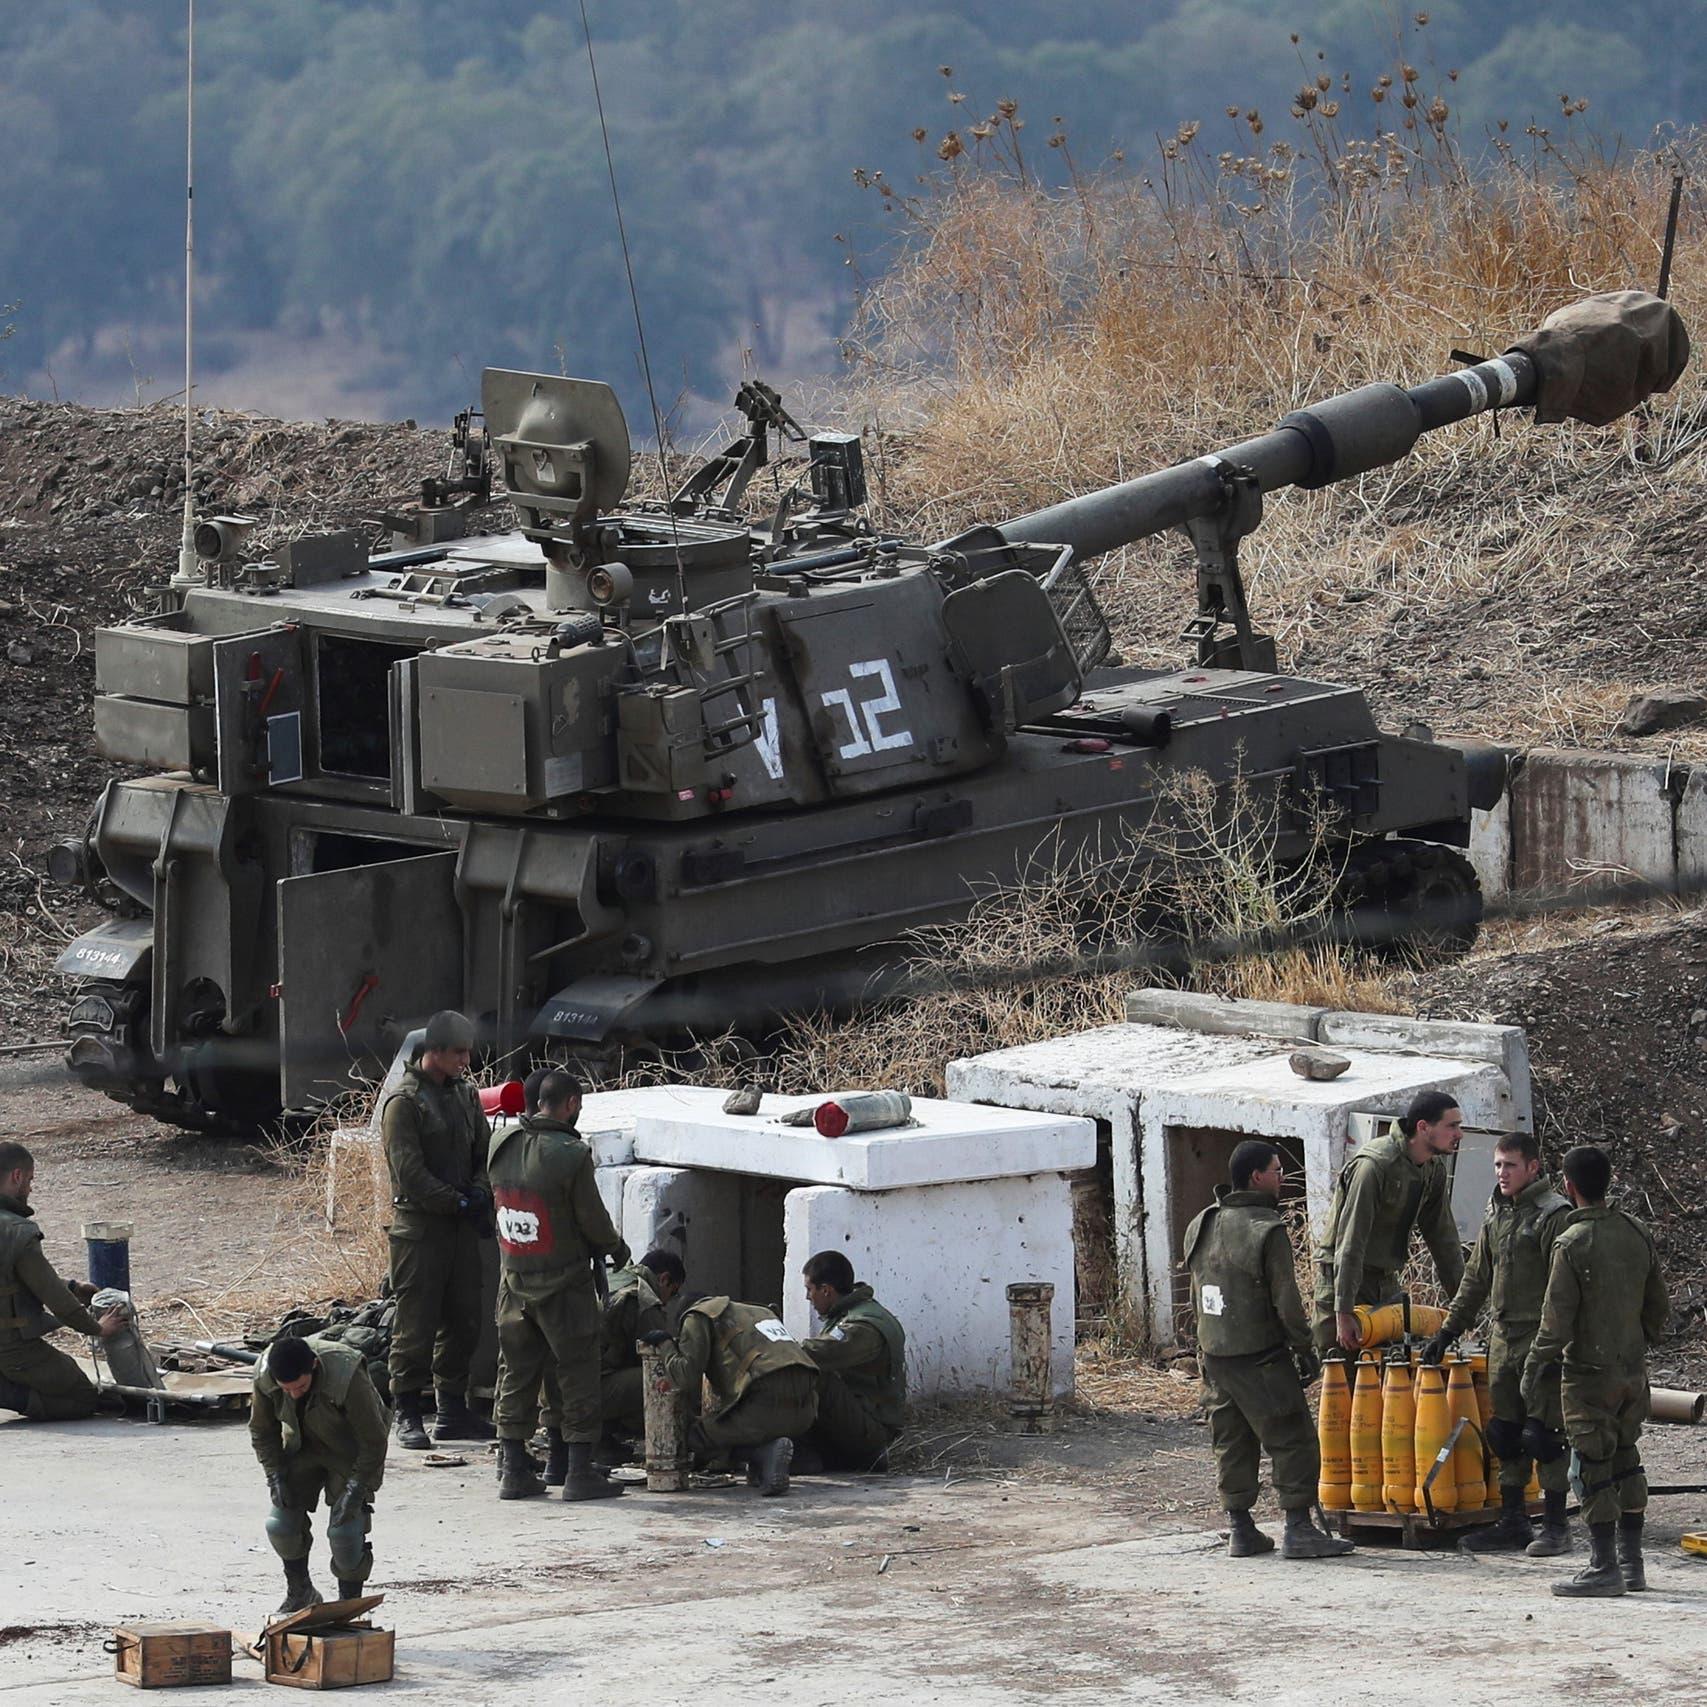 رئيس الوزراء الإسرائيلي: إيران وحزب الله يورطان لبنان